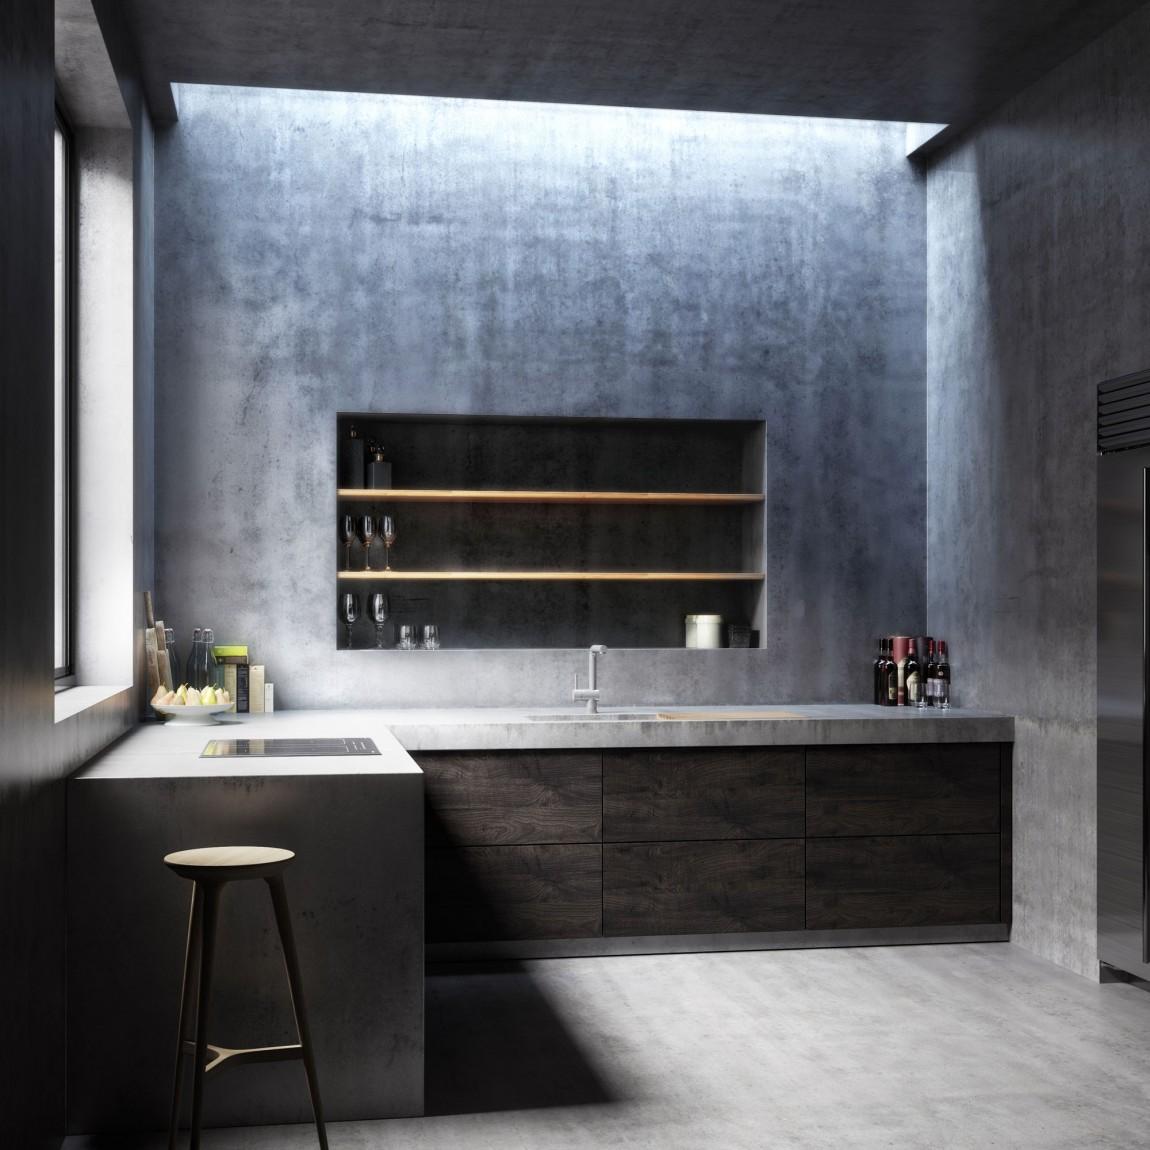 Modern kitchen design from Concrete